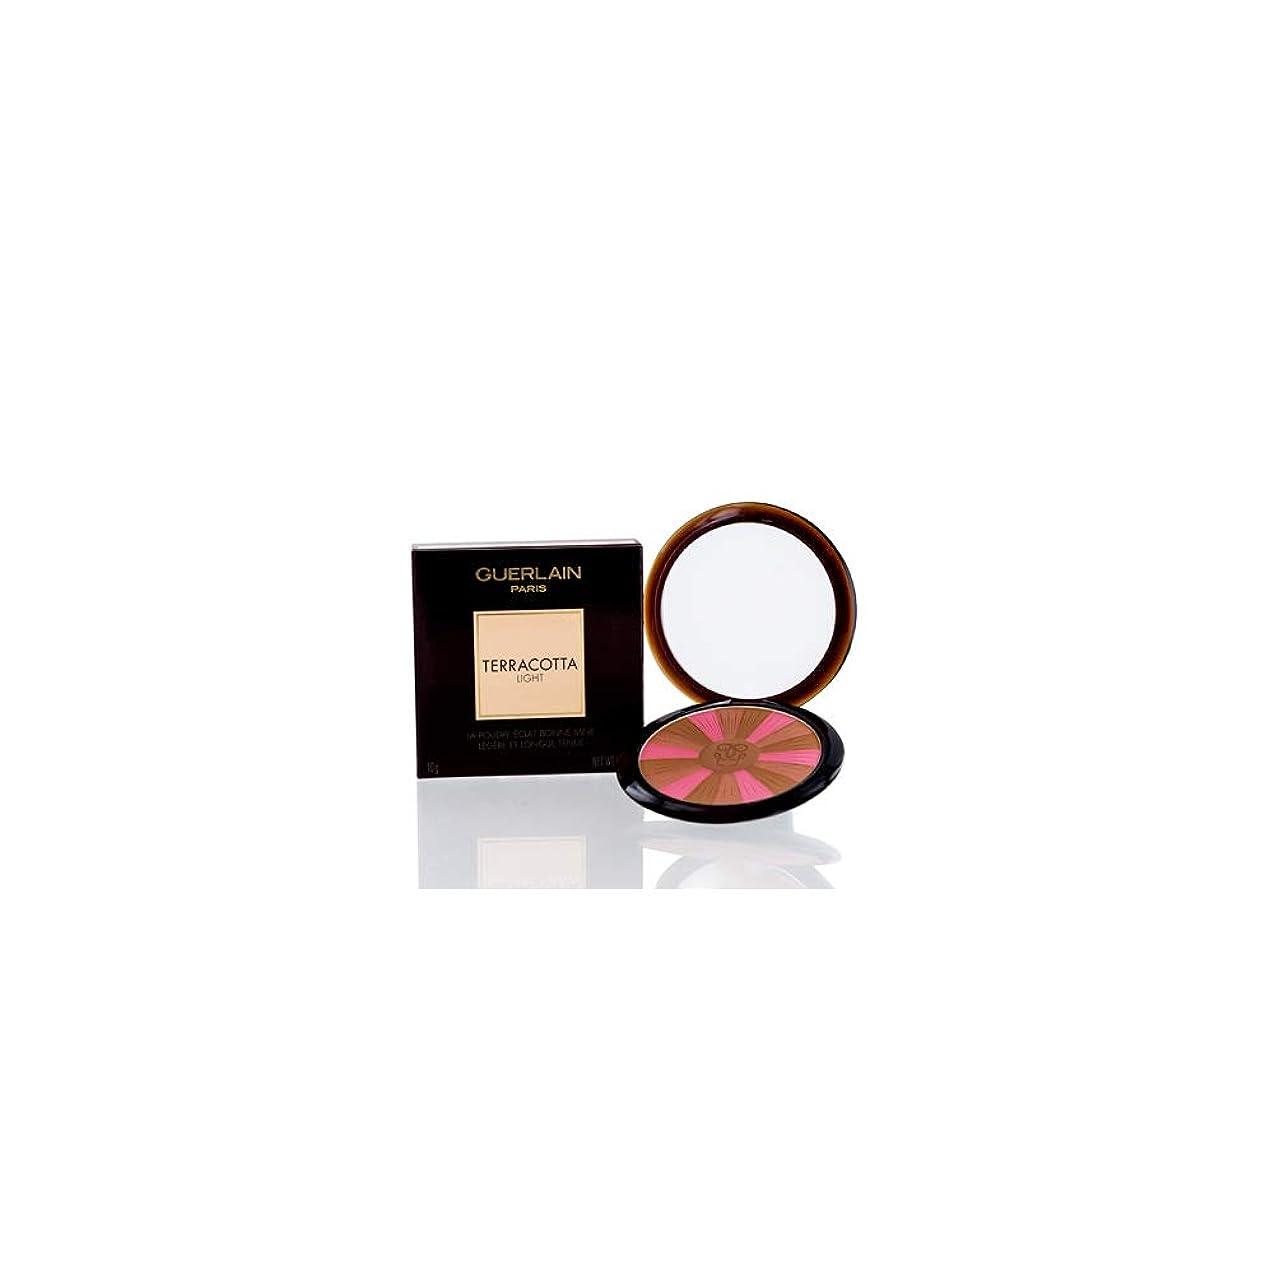 クレタ打ち負かす男性ゲラン Terracotta Light The Sun Kissed Healthy Glow Powder - # 05 Deep Cool 10g/0.3oz並行輸入品